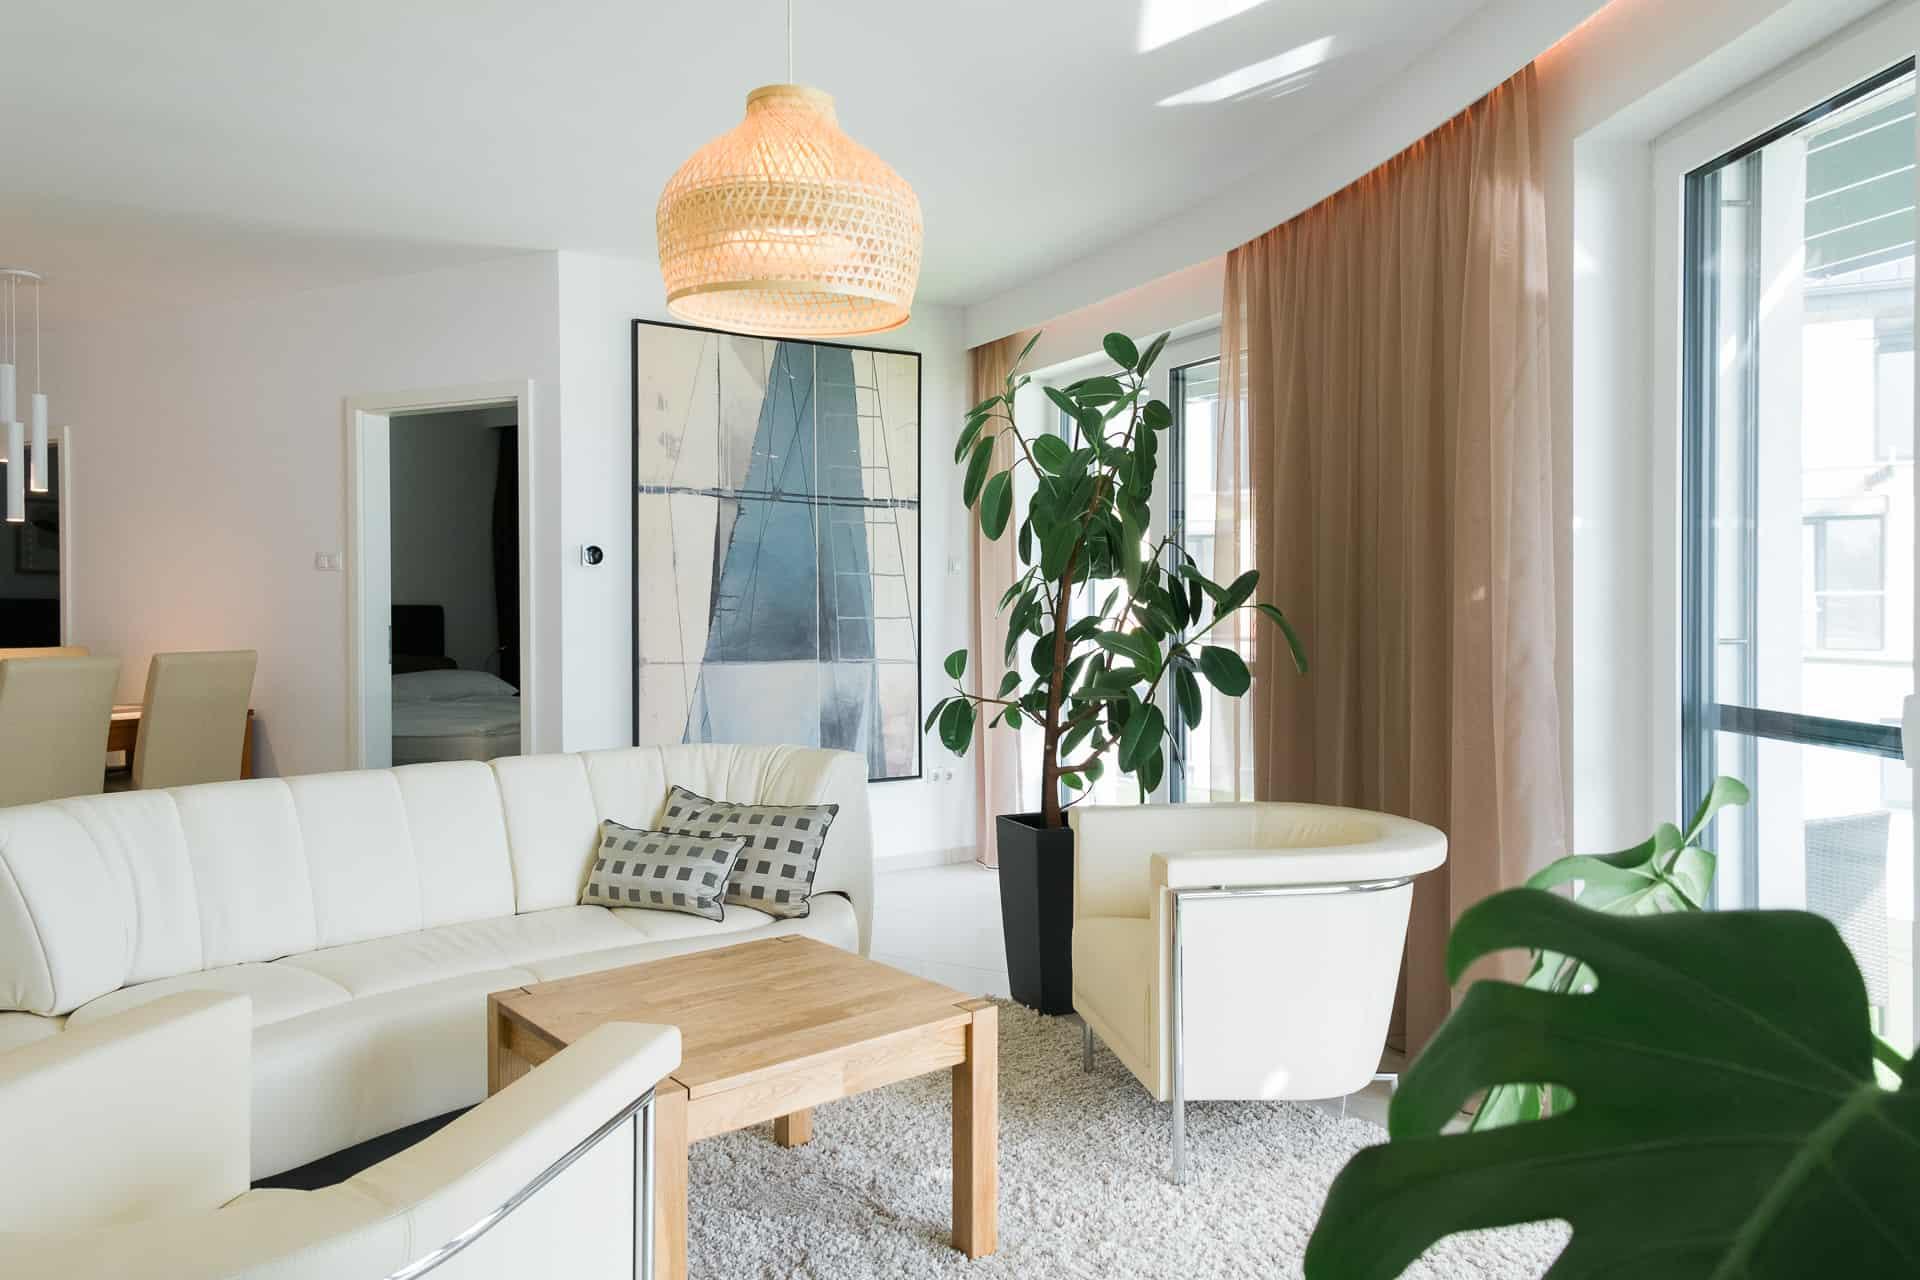 Vízparti balatoni panorámás Apartmanok Keszthely - nappali , háló, érkező.